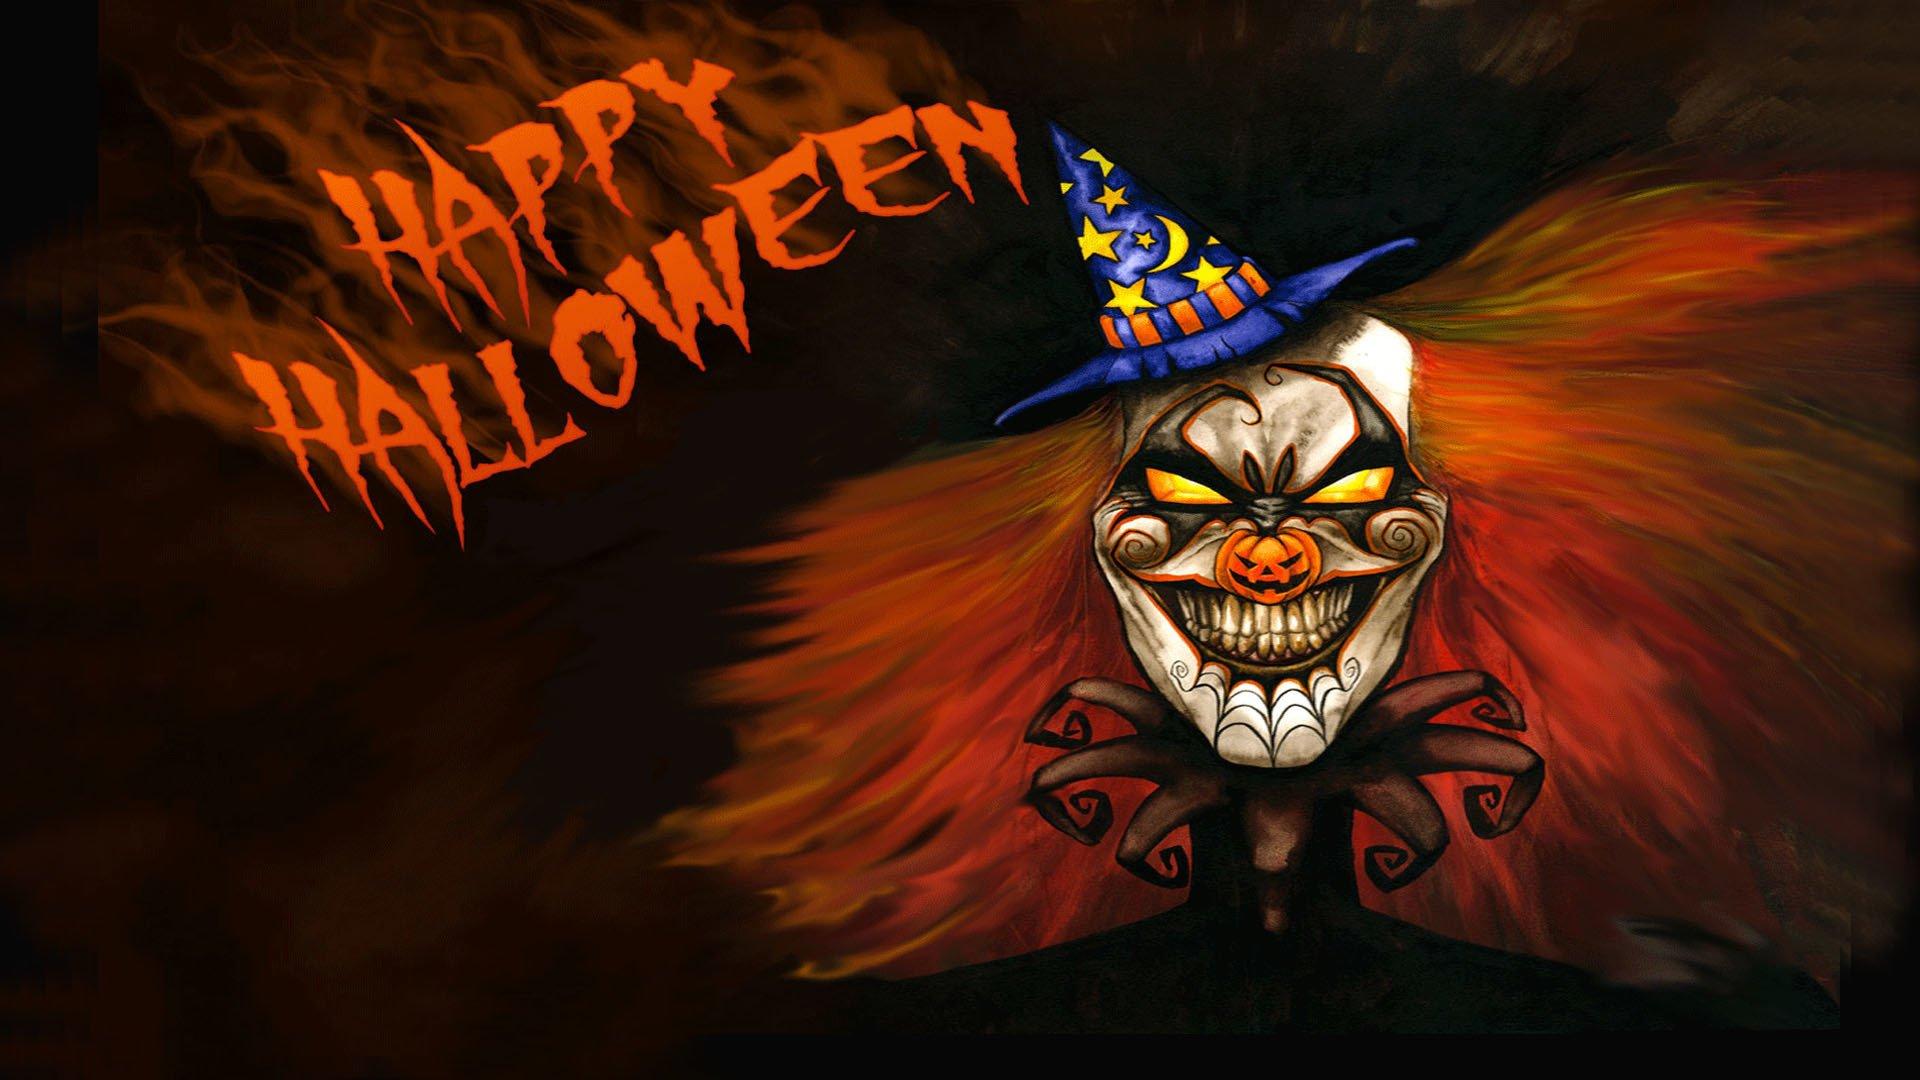 Happy Halloween Backgrounds